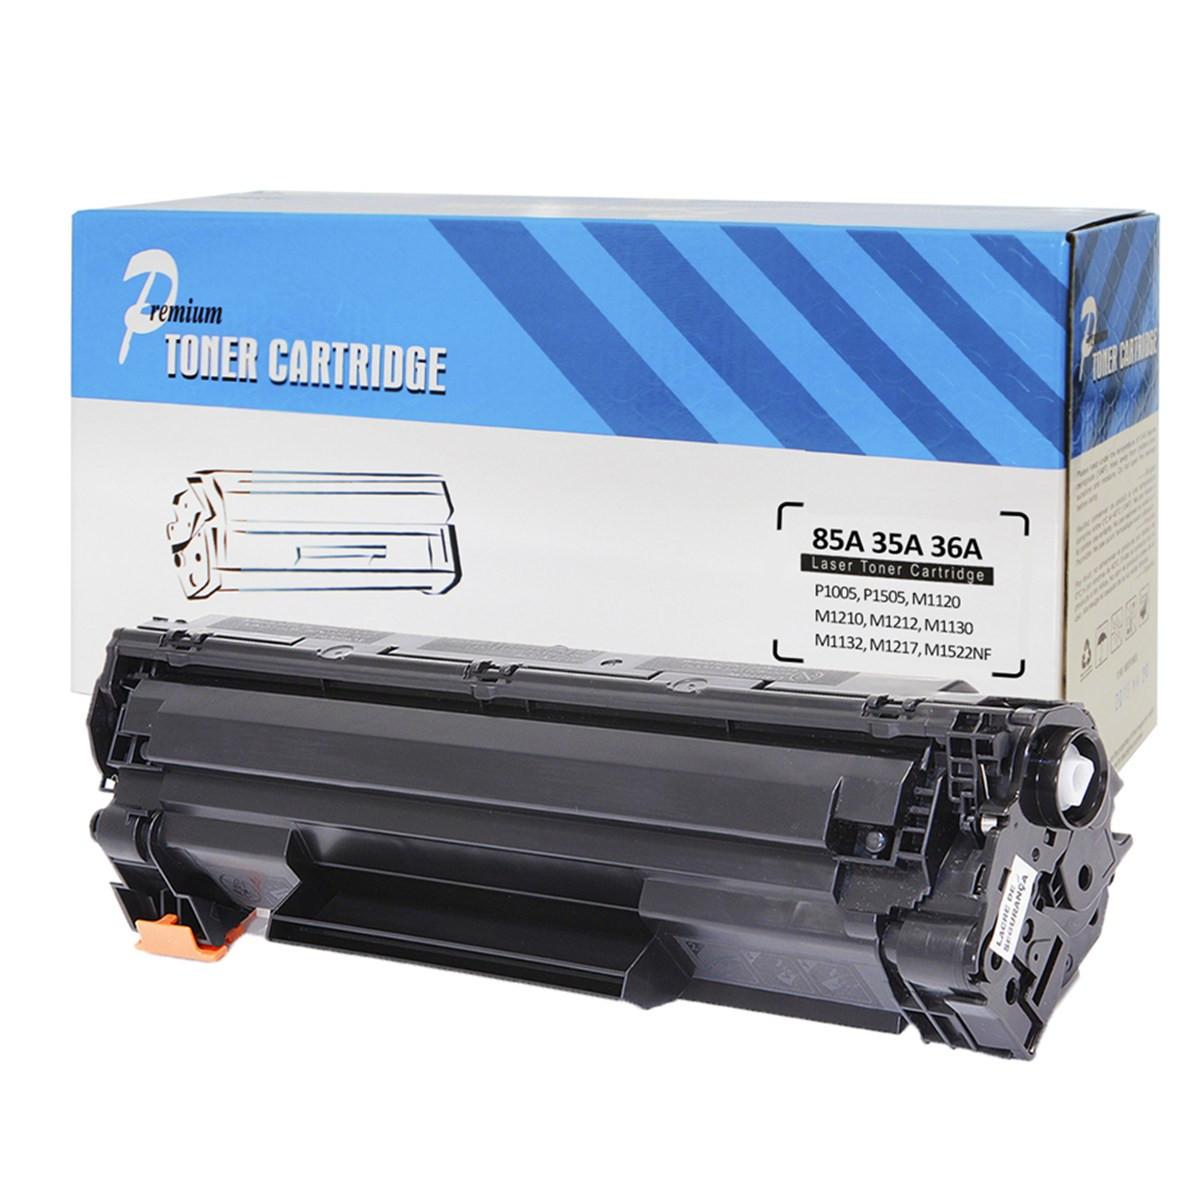 Caixa com 15 Toner Compatível com HP Universal 35A 36A 85A CB435A CB436A CE285A | Premium